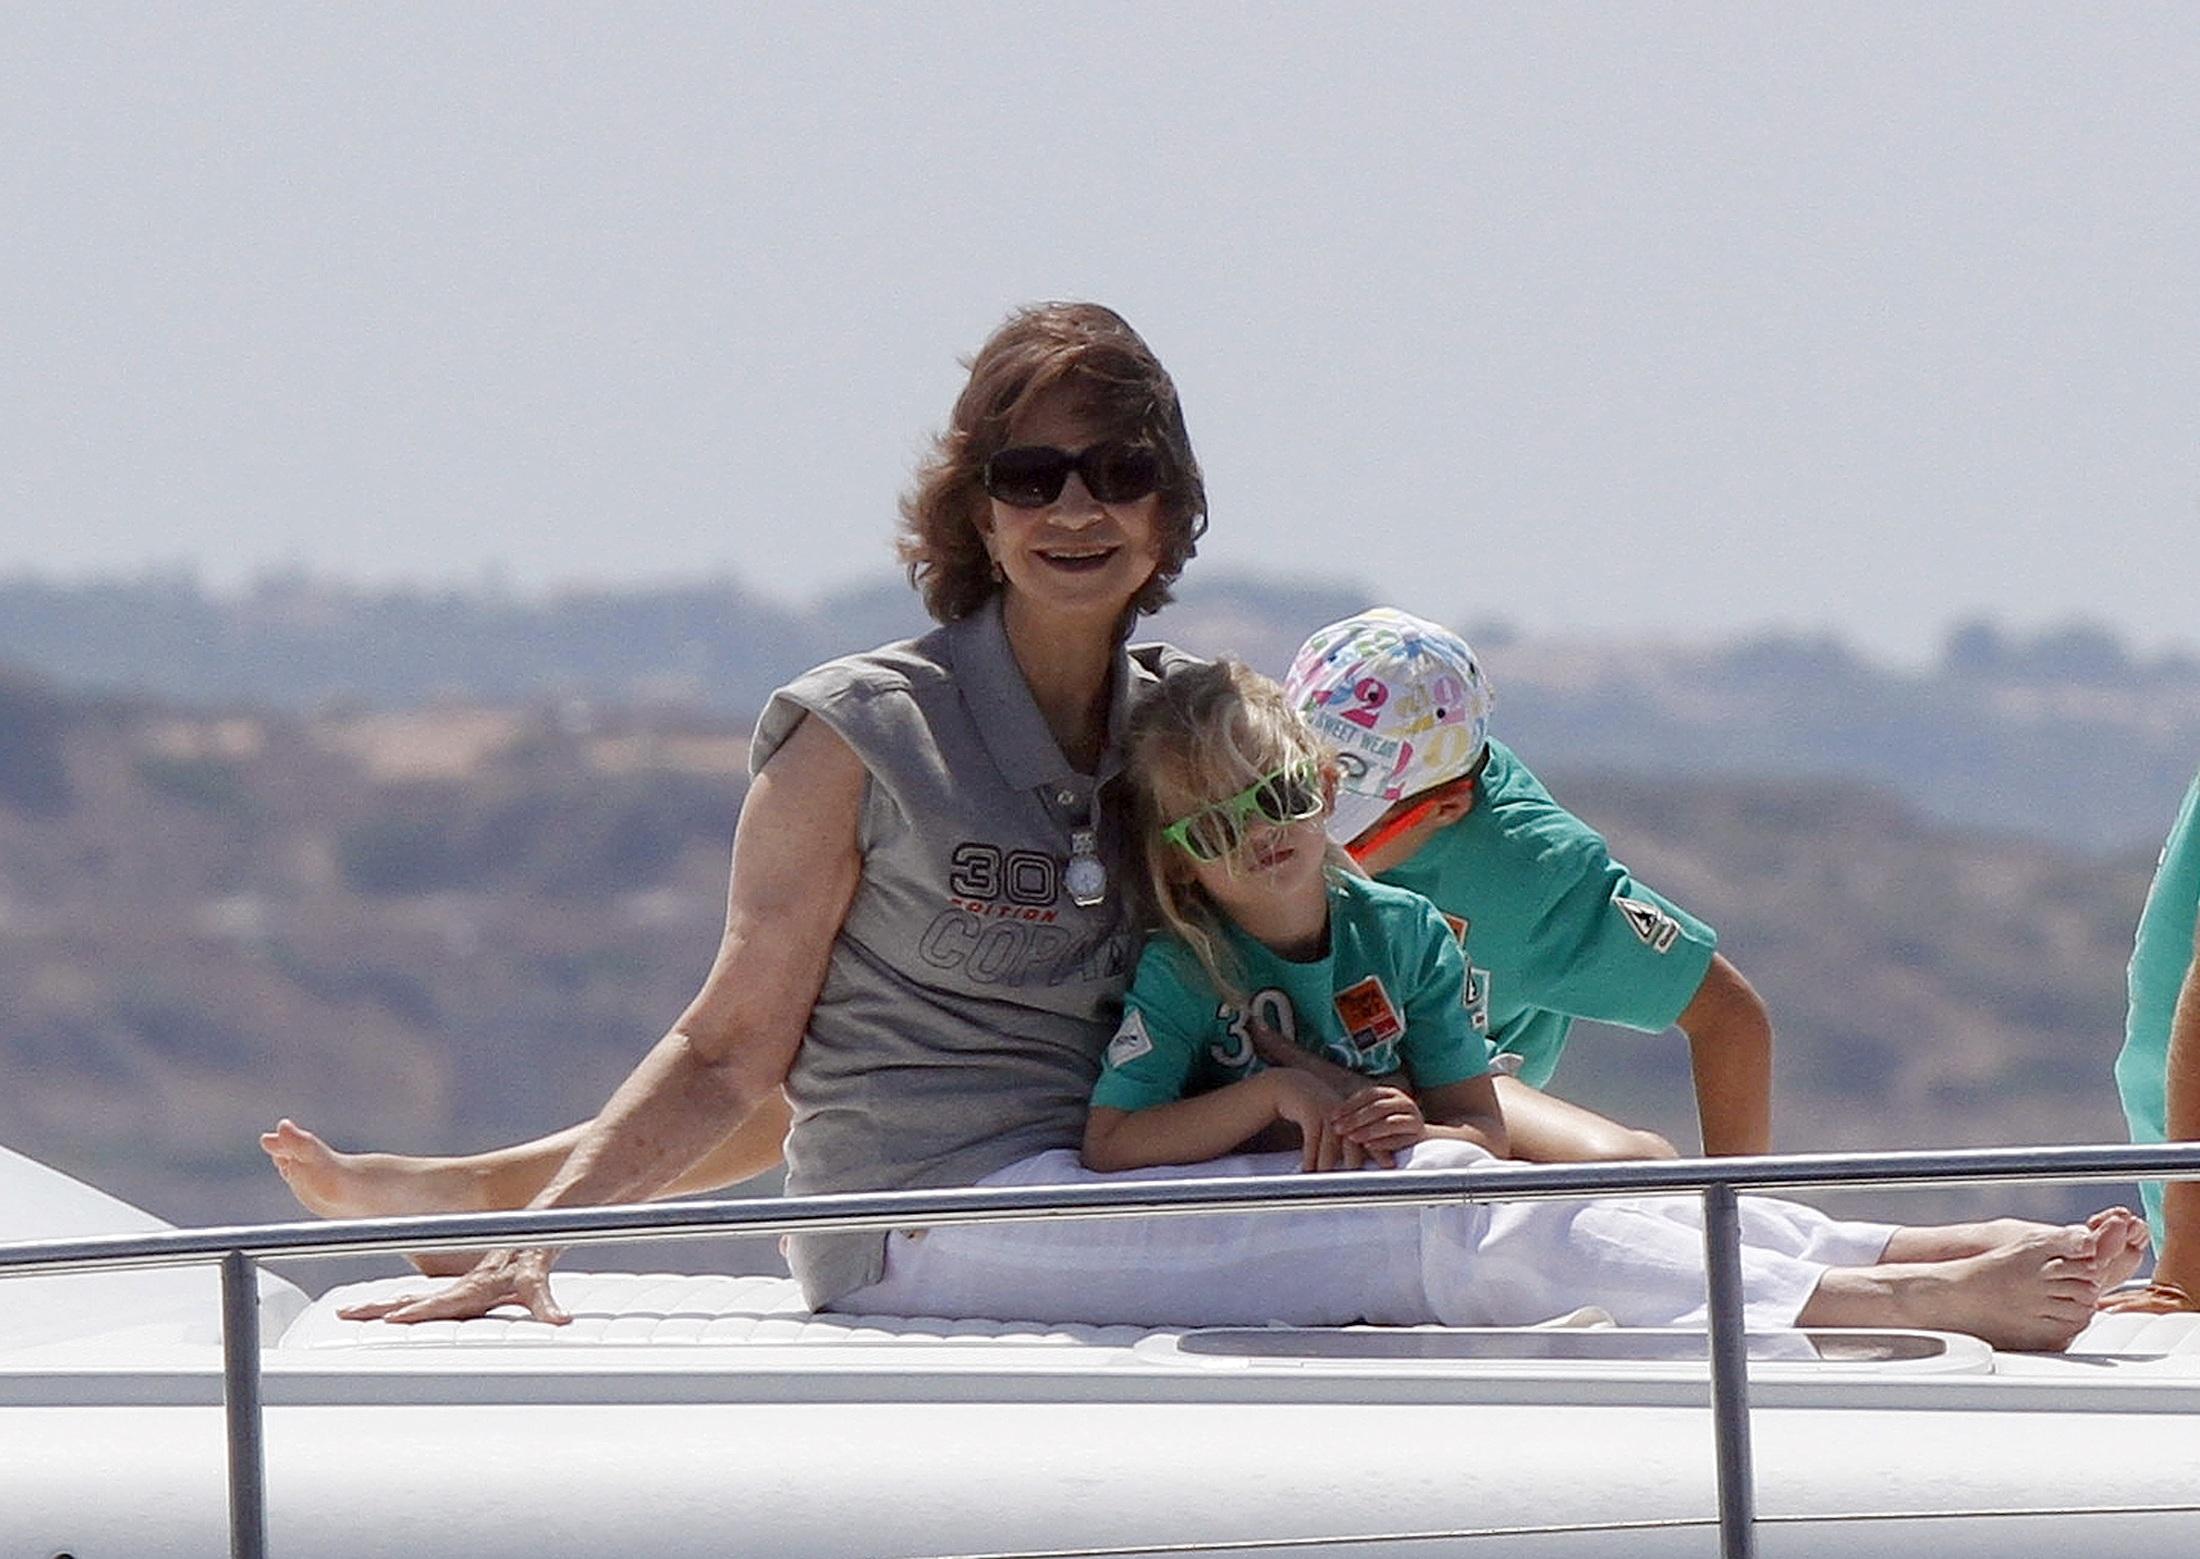 """A rainha Sofia sorri, a bordo da lancha """"Somni"""", com a neta Irene sobre as pernas, no primeiro dia da regata da Copa do Rei"""